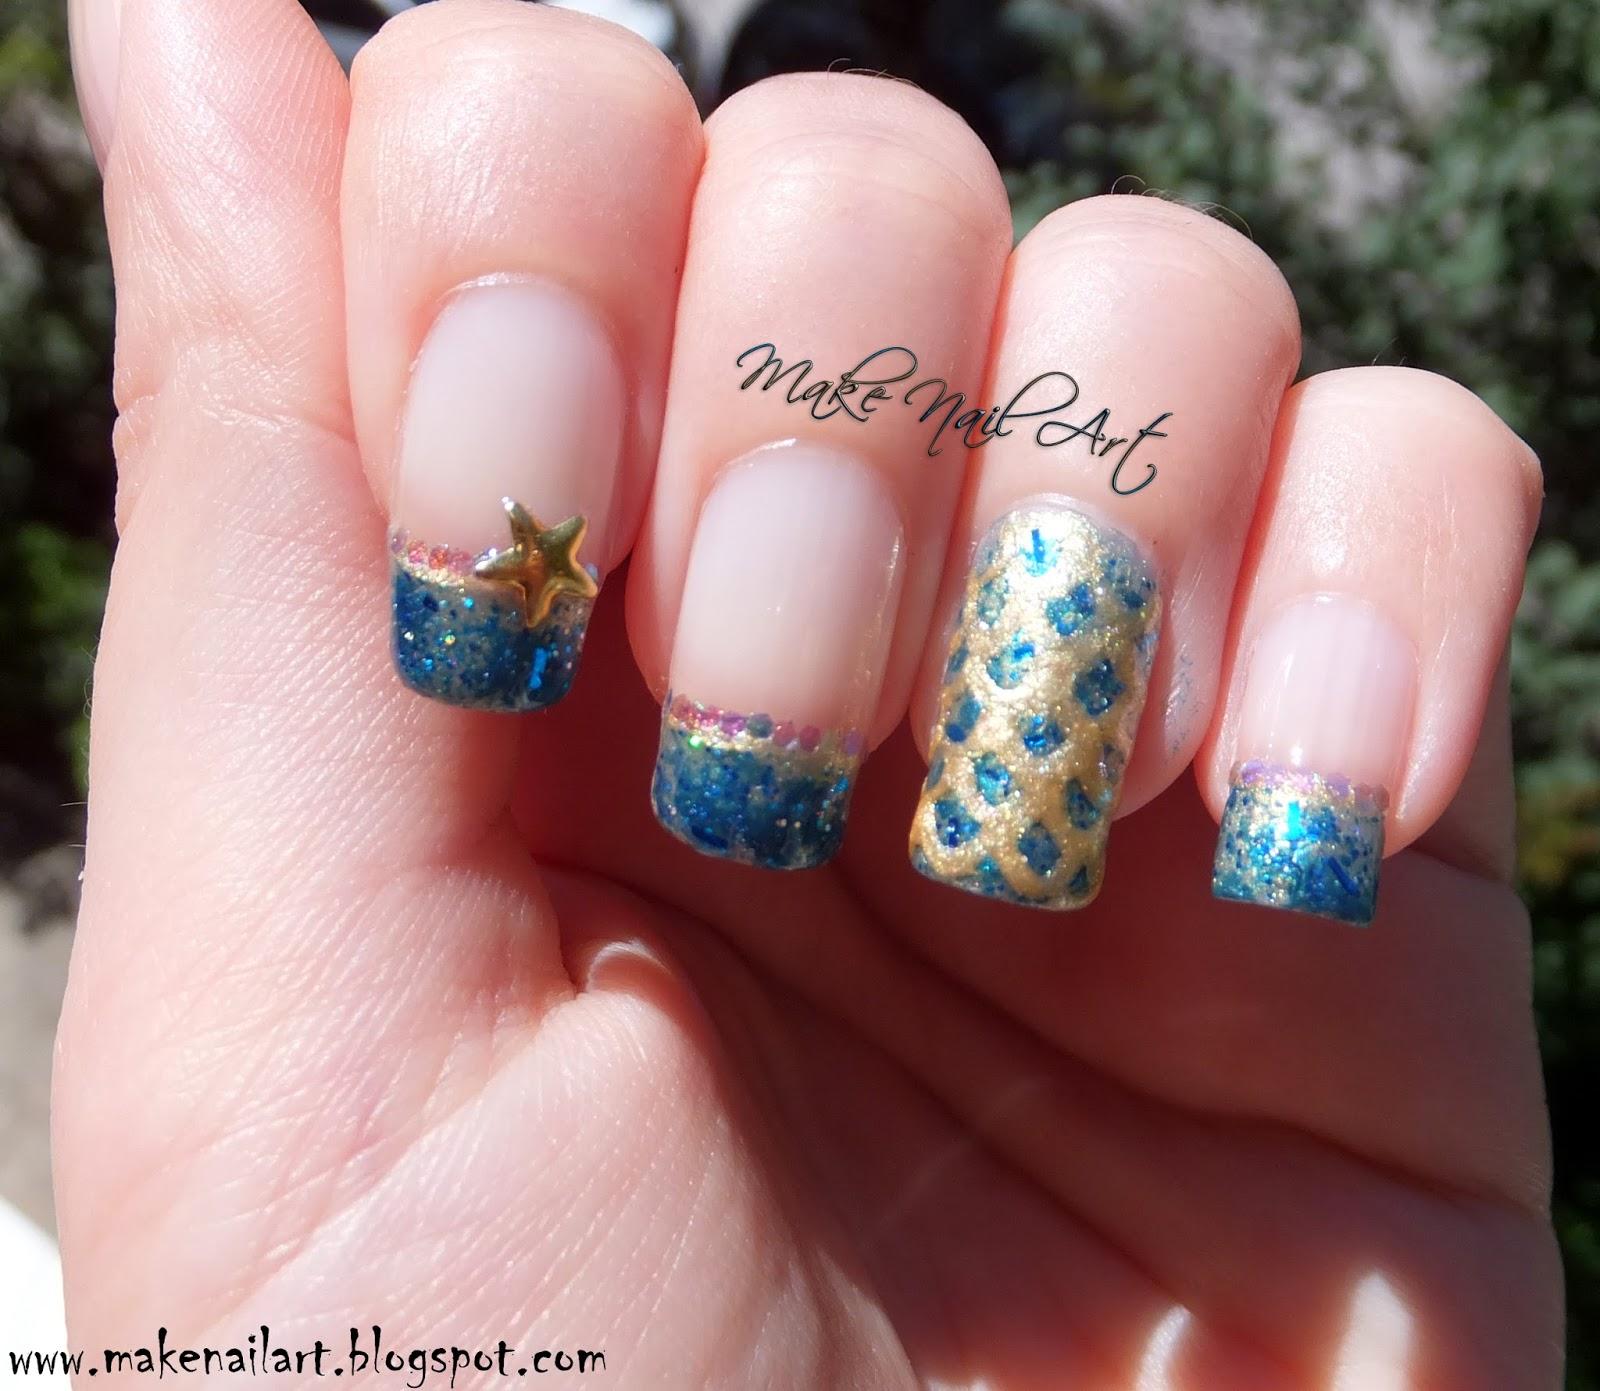 Make Nail Art Mermaid Inspired Nail Art Tutorial